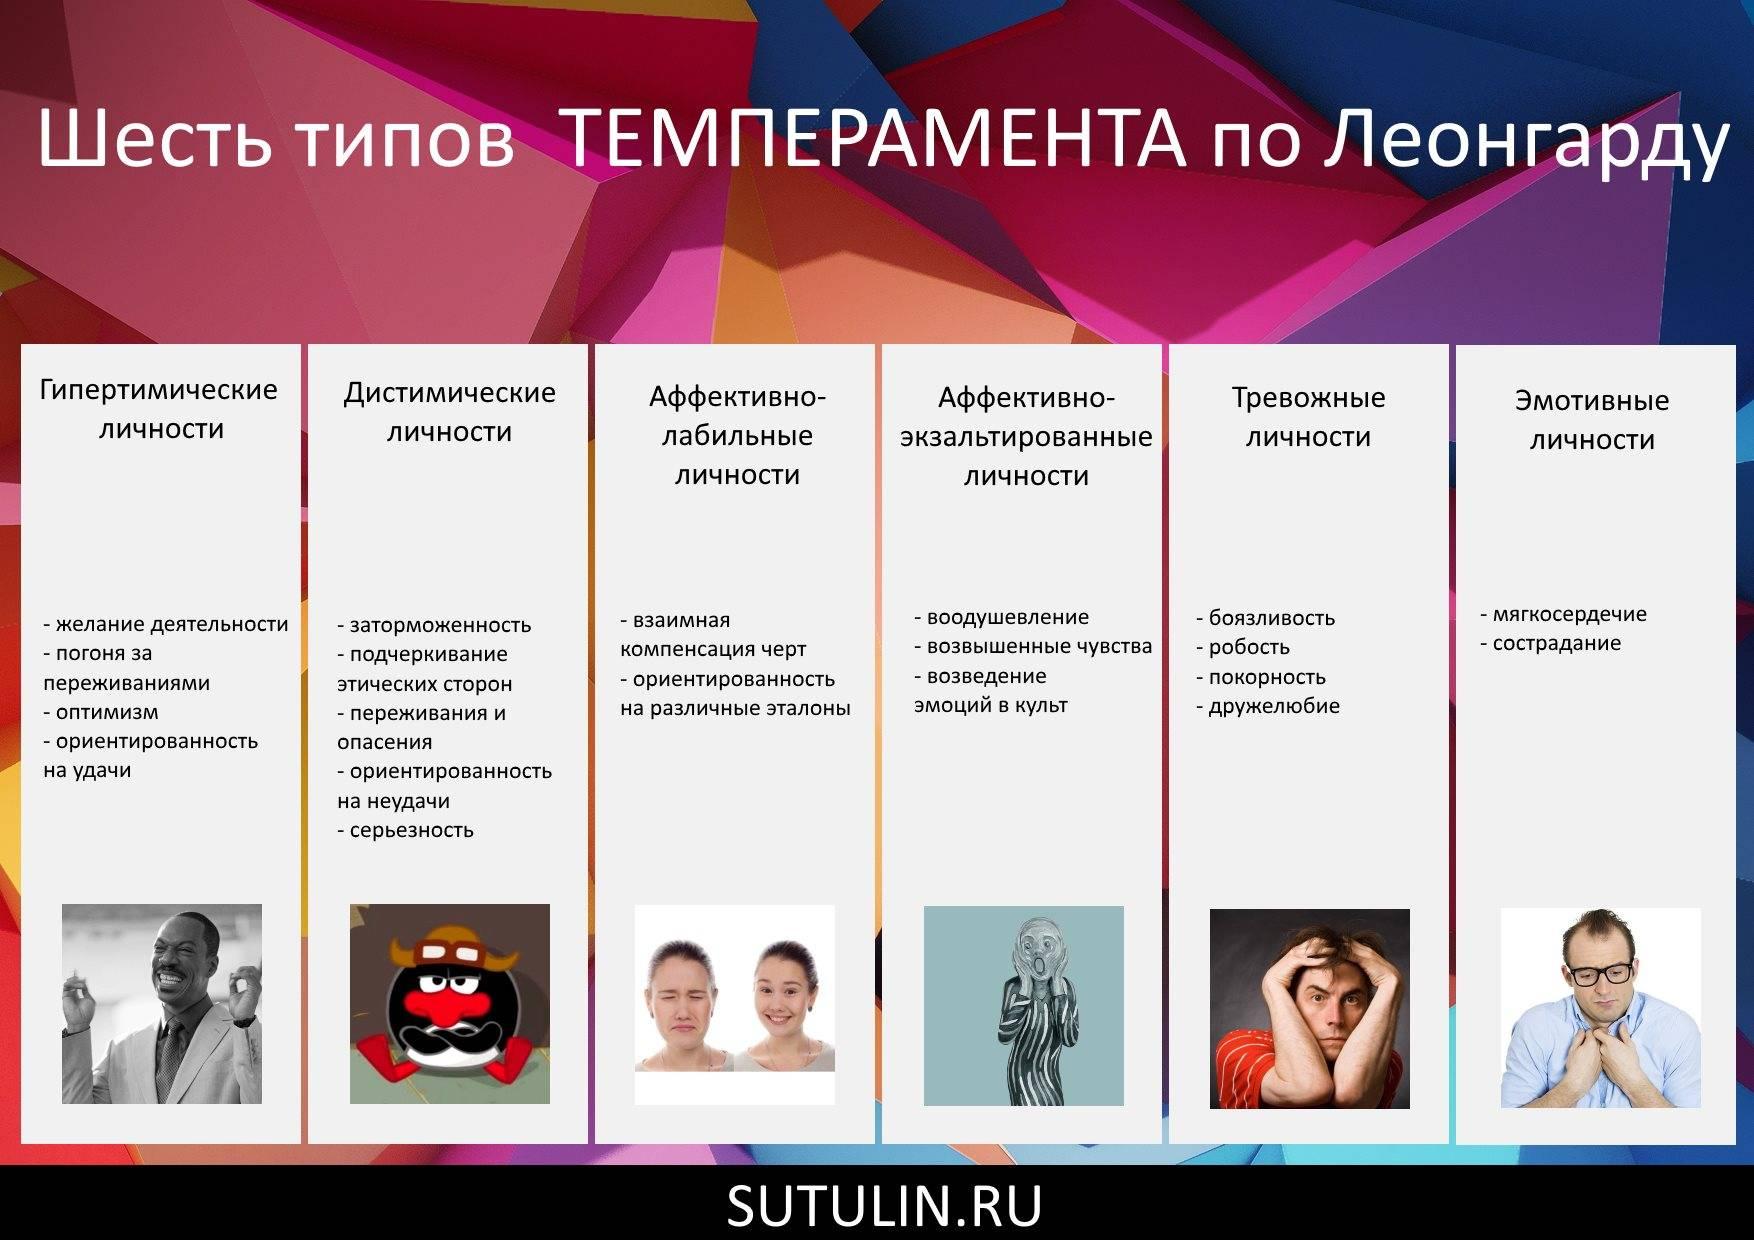 Экзальтированный тип личности: поведение женщин и мужчин, значение в психологии, особенности характера экзальтированного человека